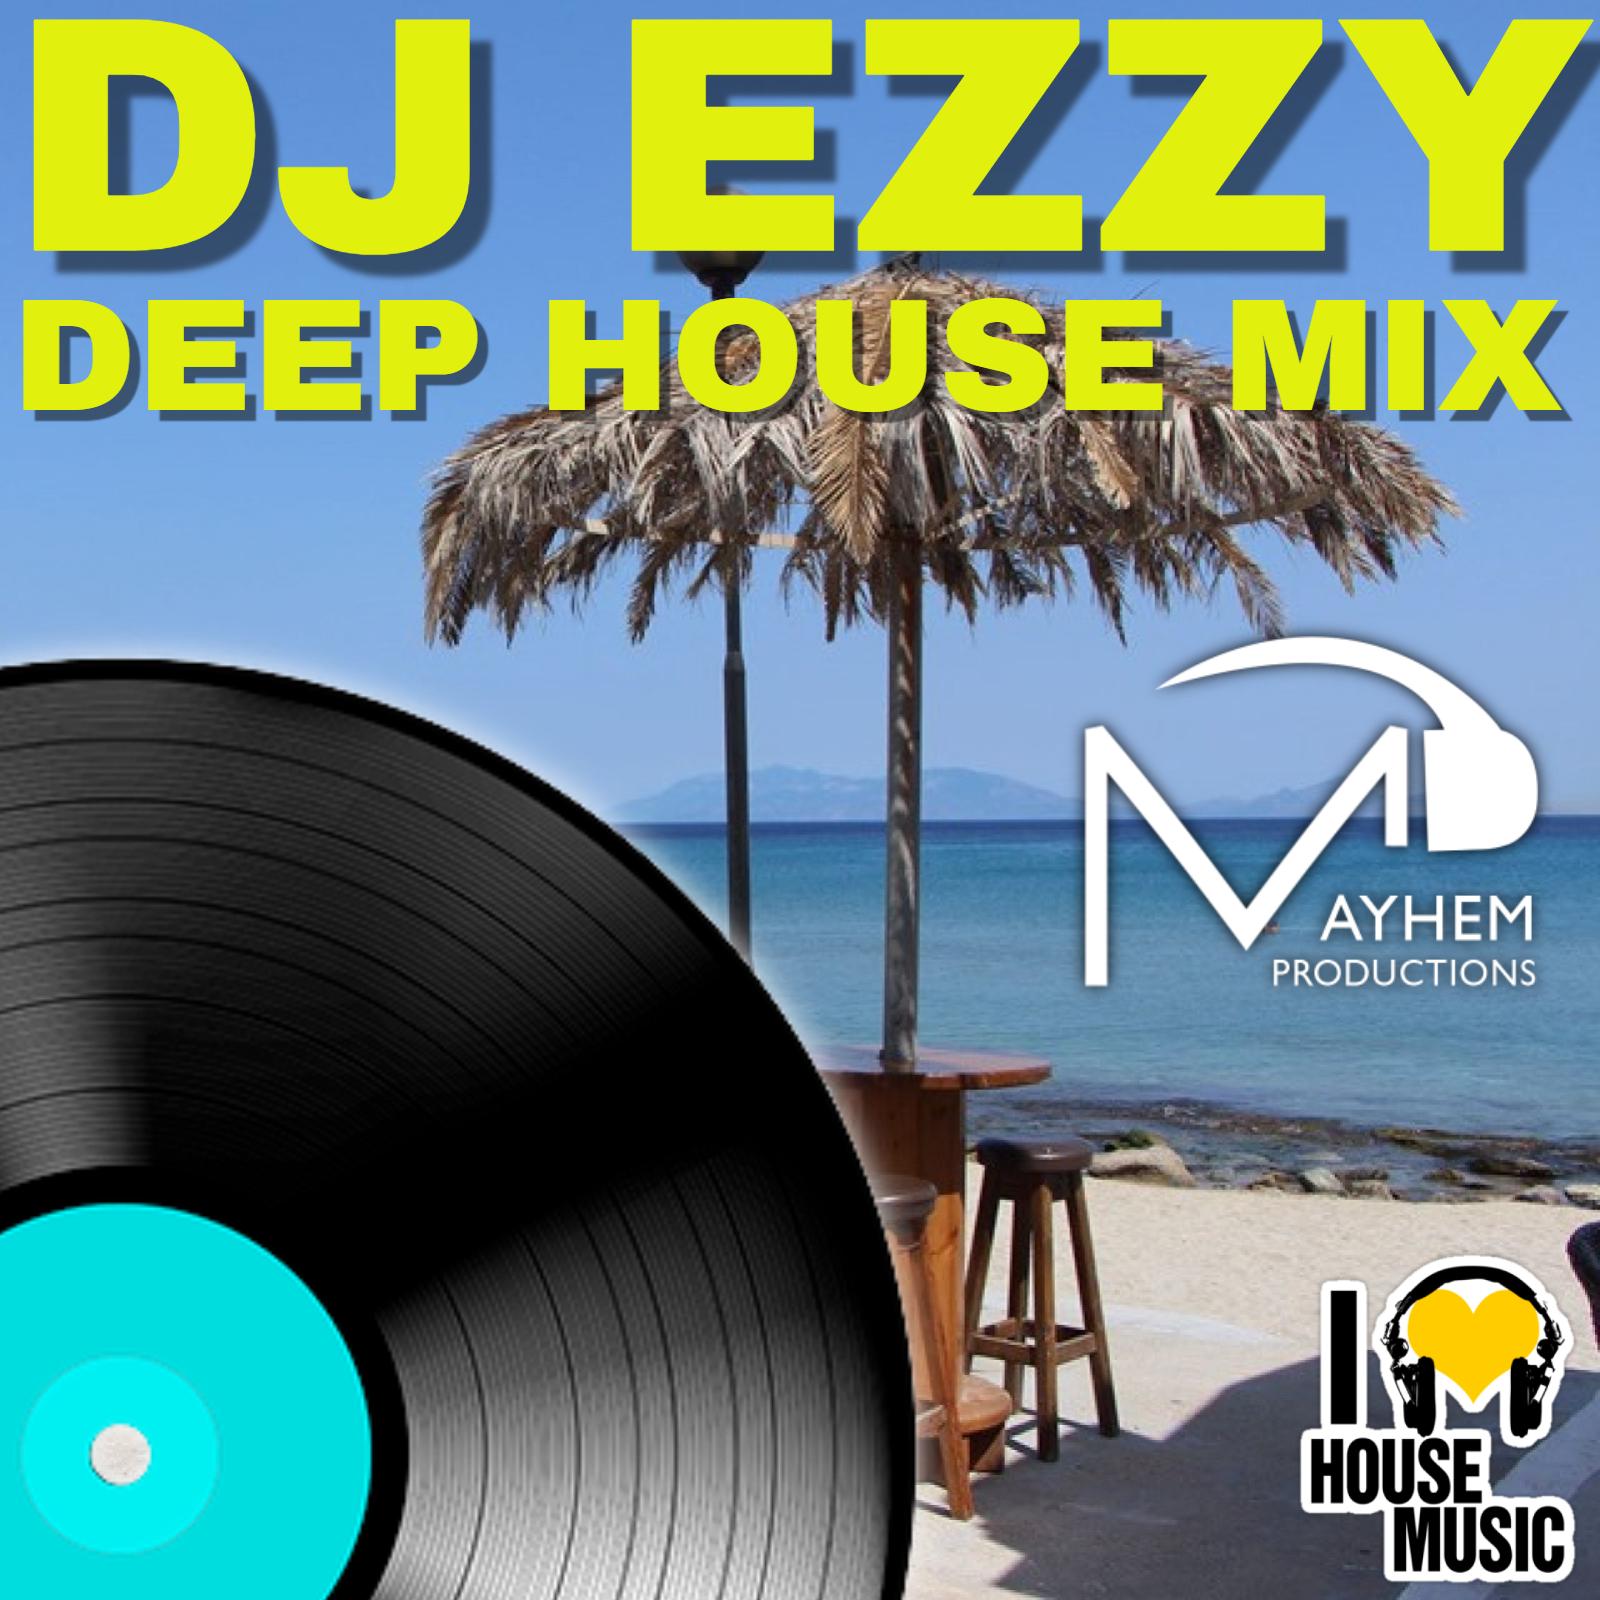 Dj Ezzy Deep House Mix